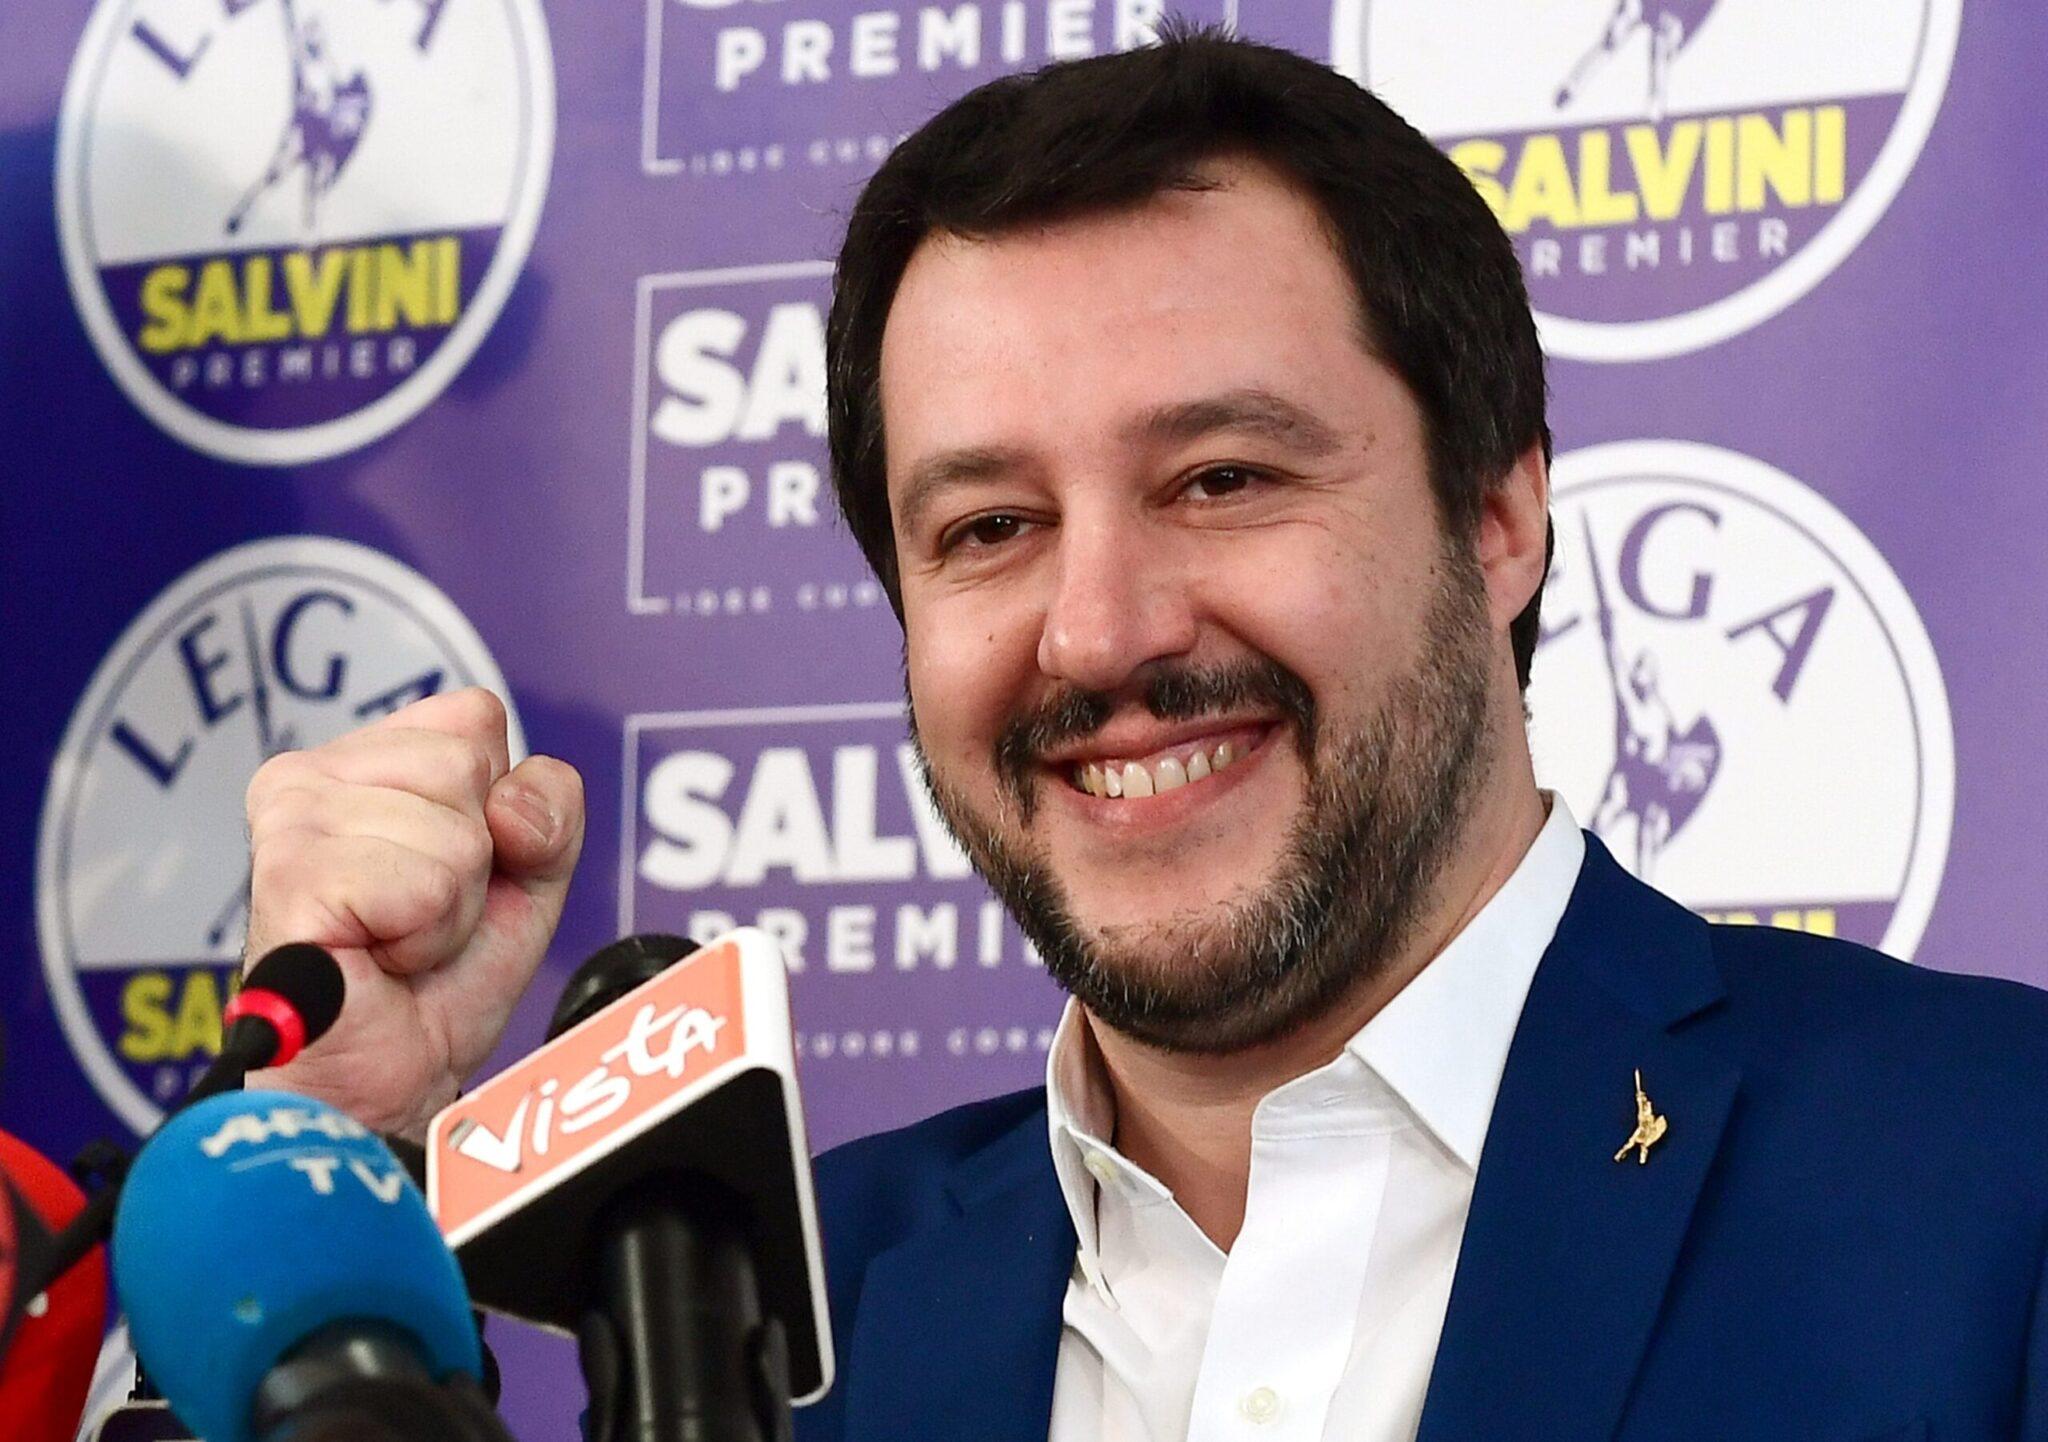 Salvini bersaglio prediletto della stampa